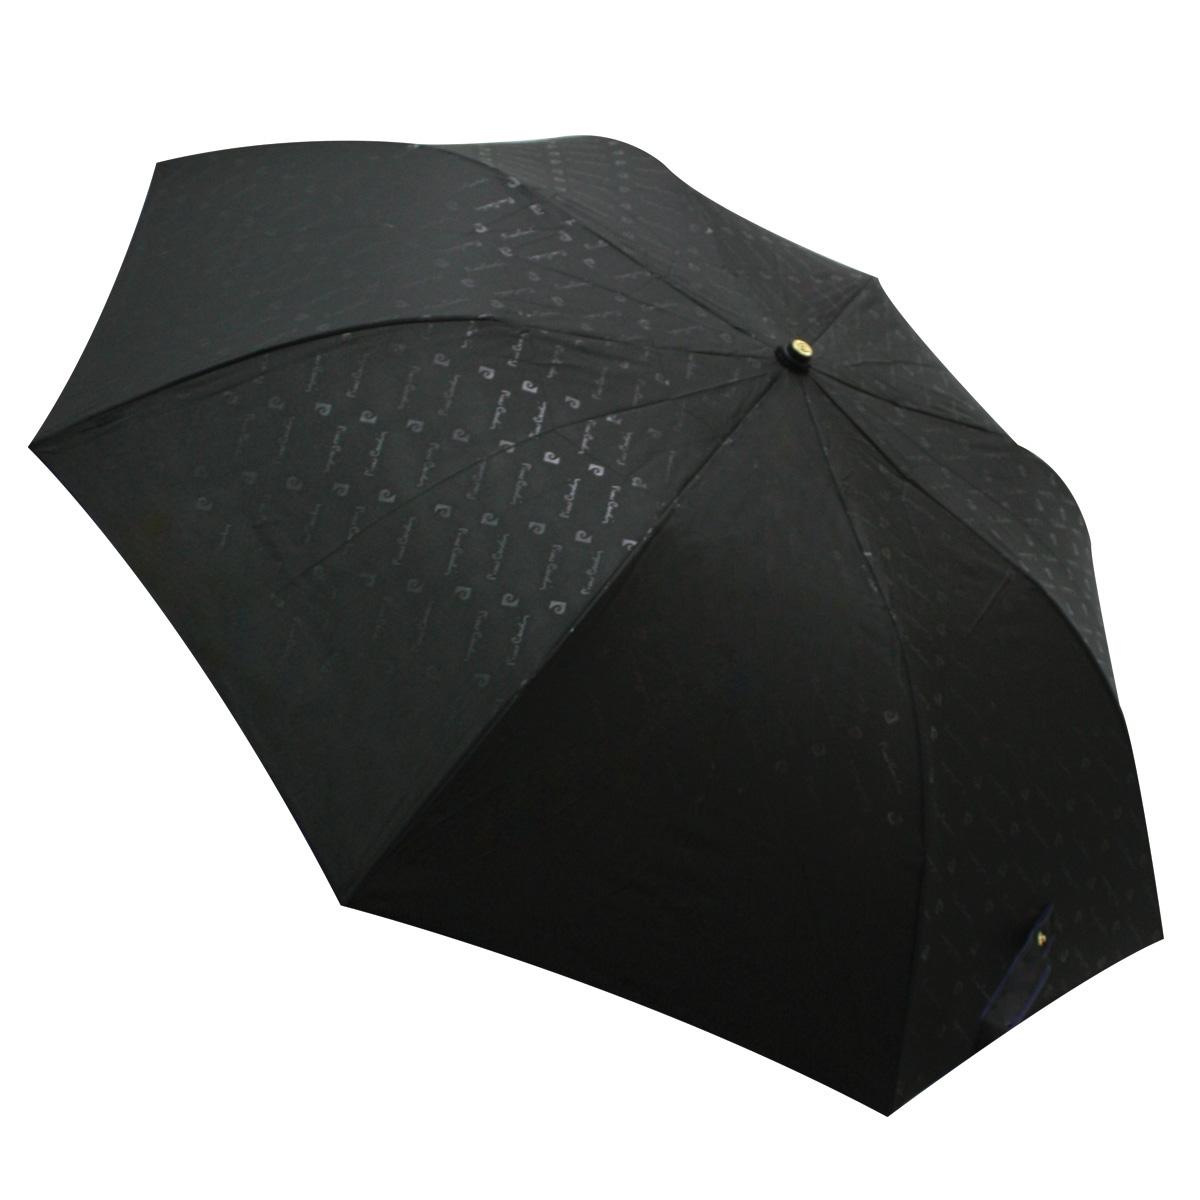 에이치엔씨 엠보 2단 자동우산